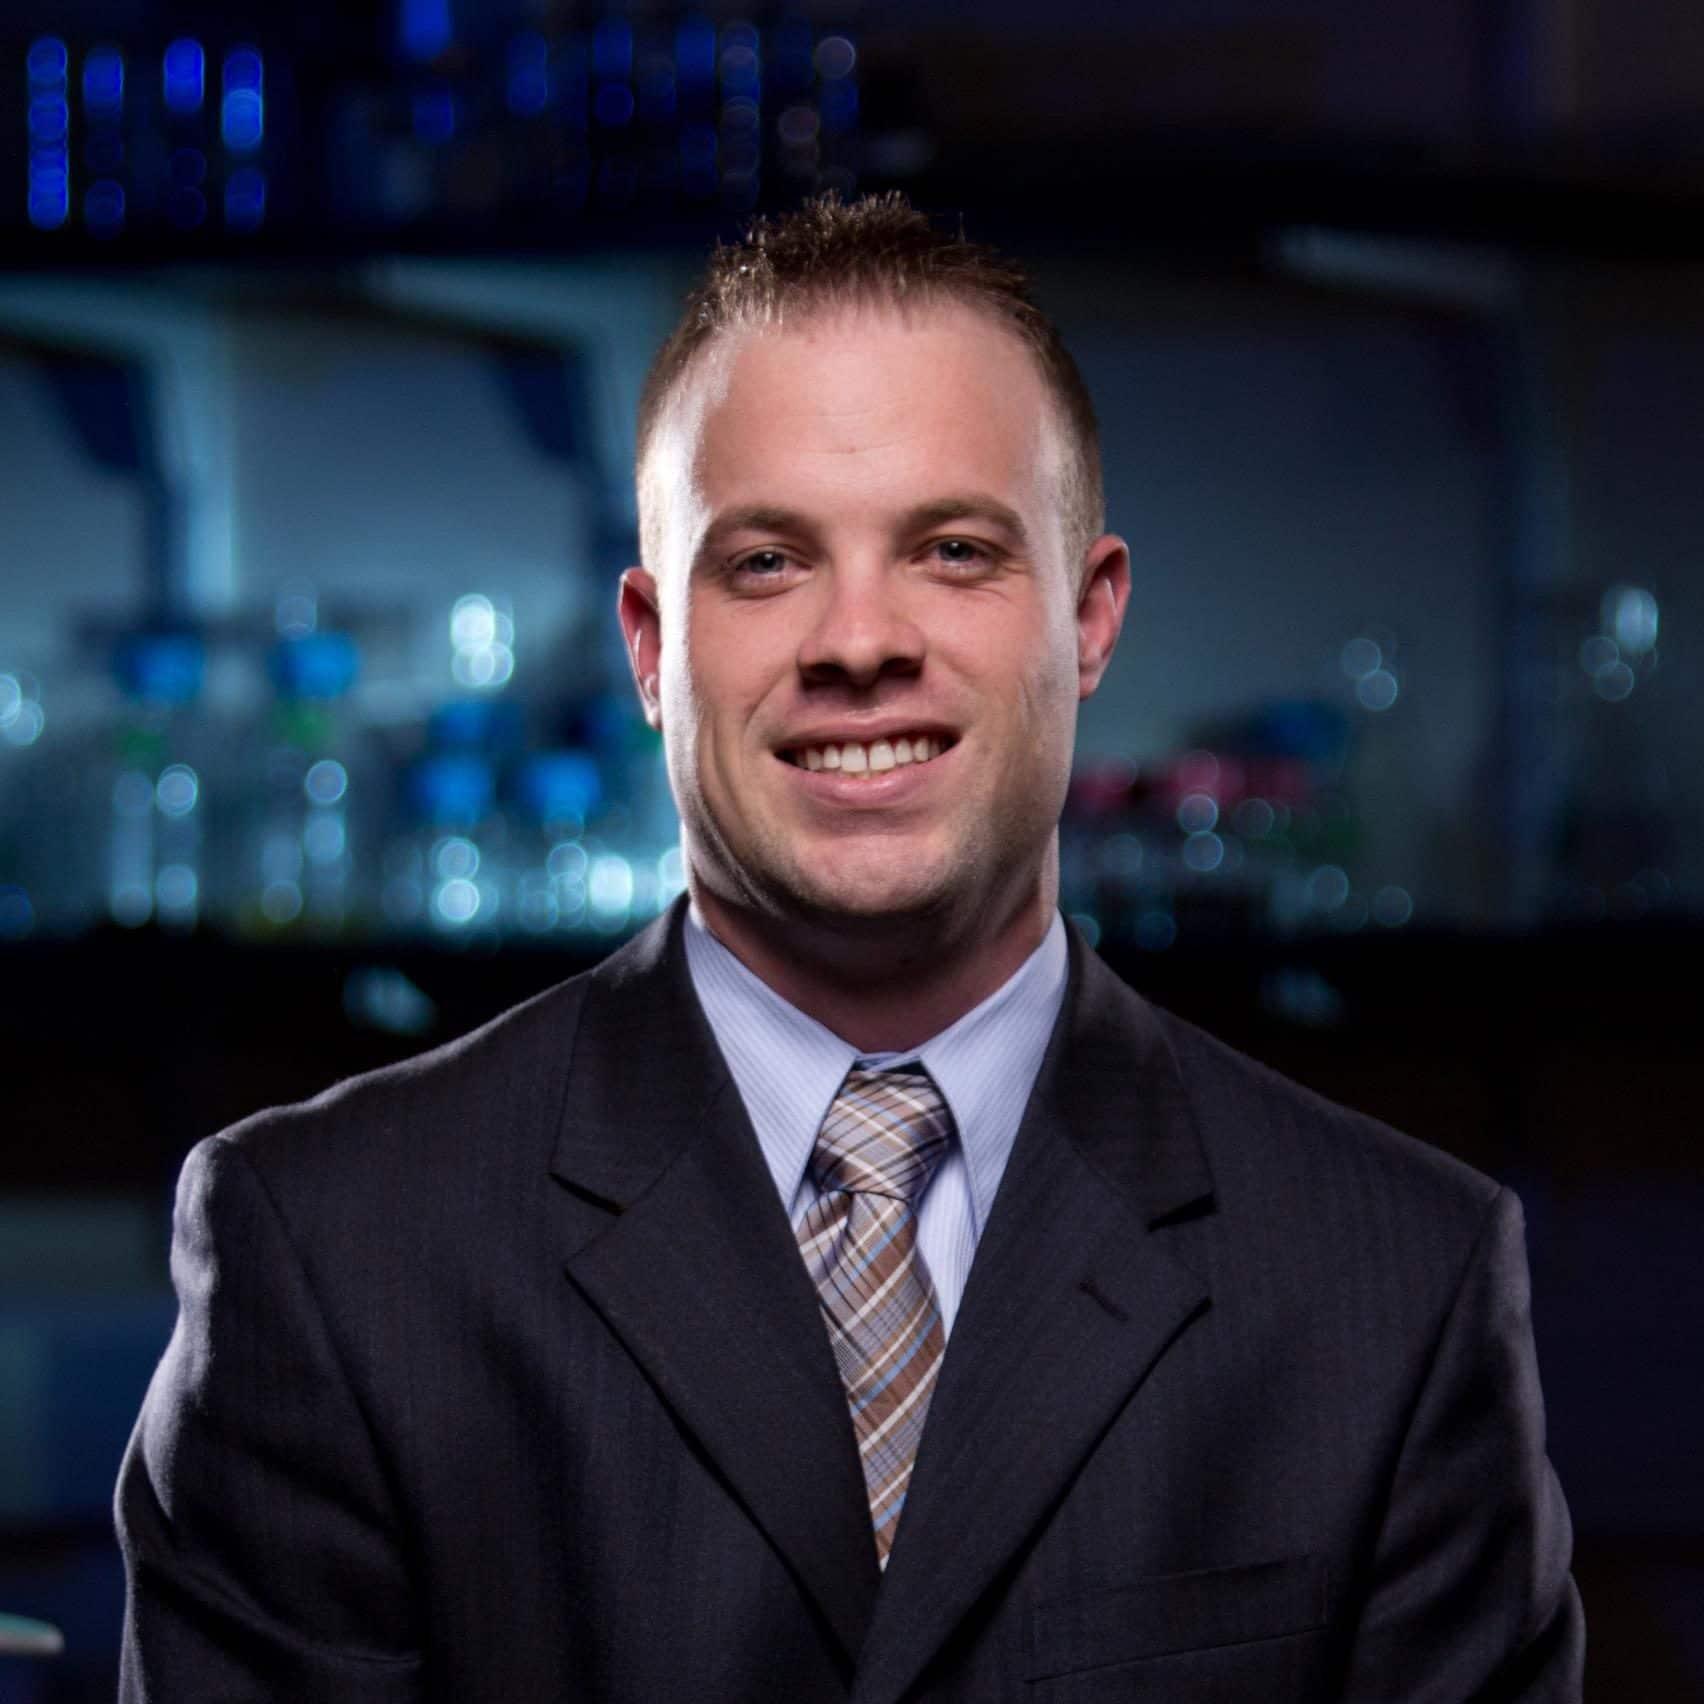 Matt Price